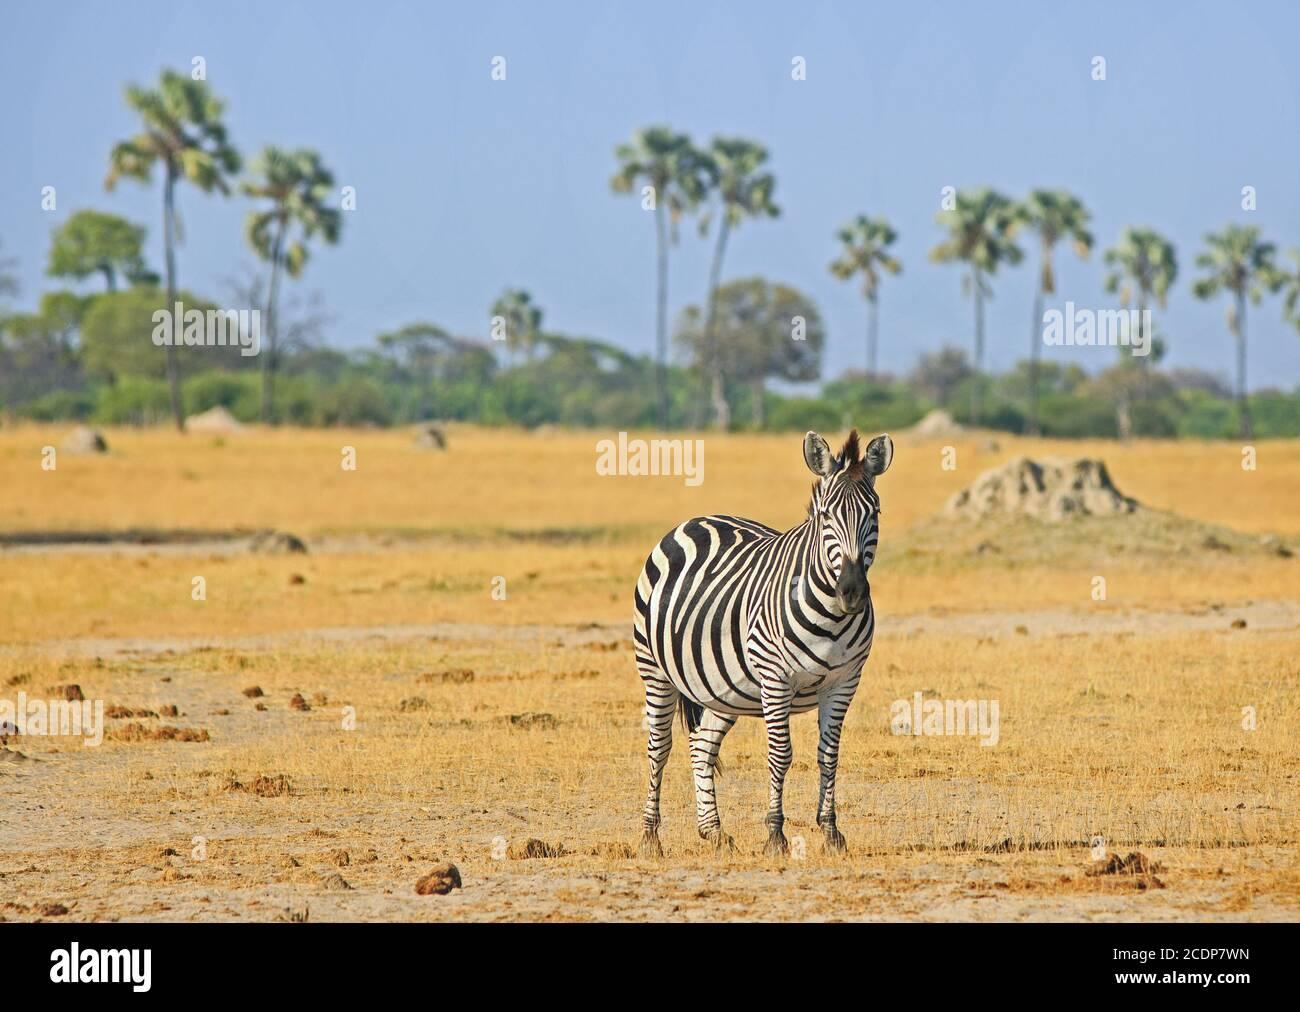 Solitaria Burchell Zebra de pie en las vastas llanuras vacías con un fondo arbolado en el Parque Nacional de Hwange, Zimbabwe Foto de stock